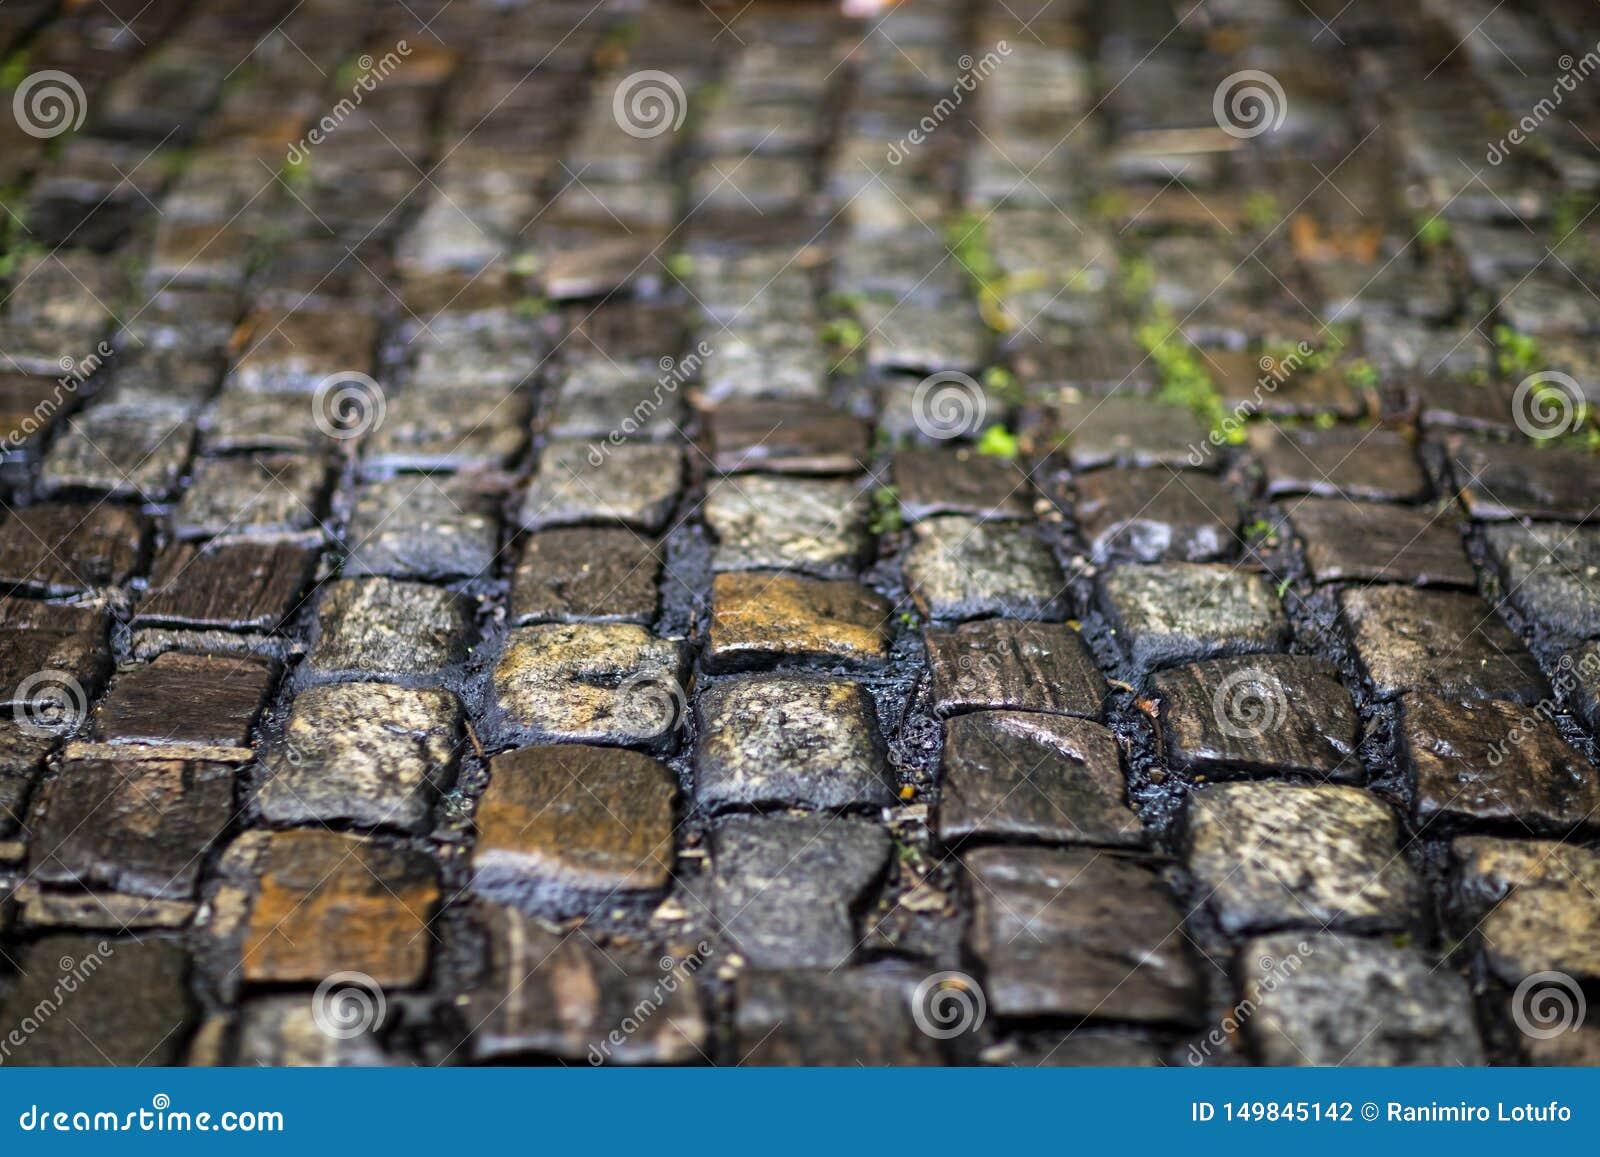 De textuur van de steenbestrating Het graniet cobblestoned bestratingsachtergrond